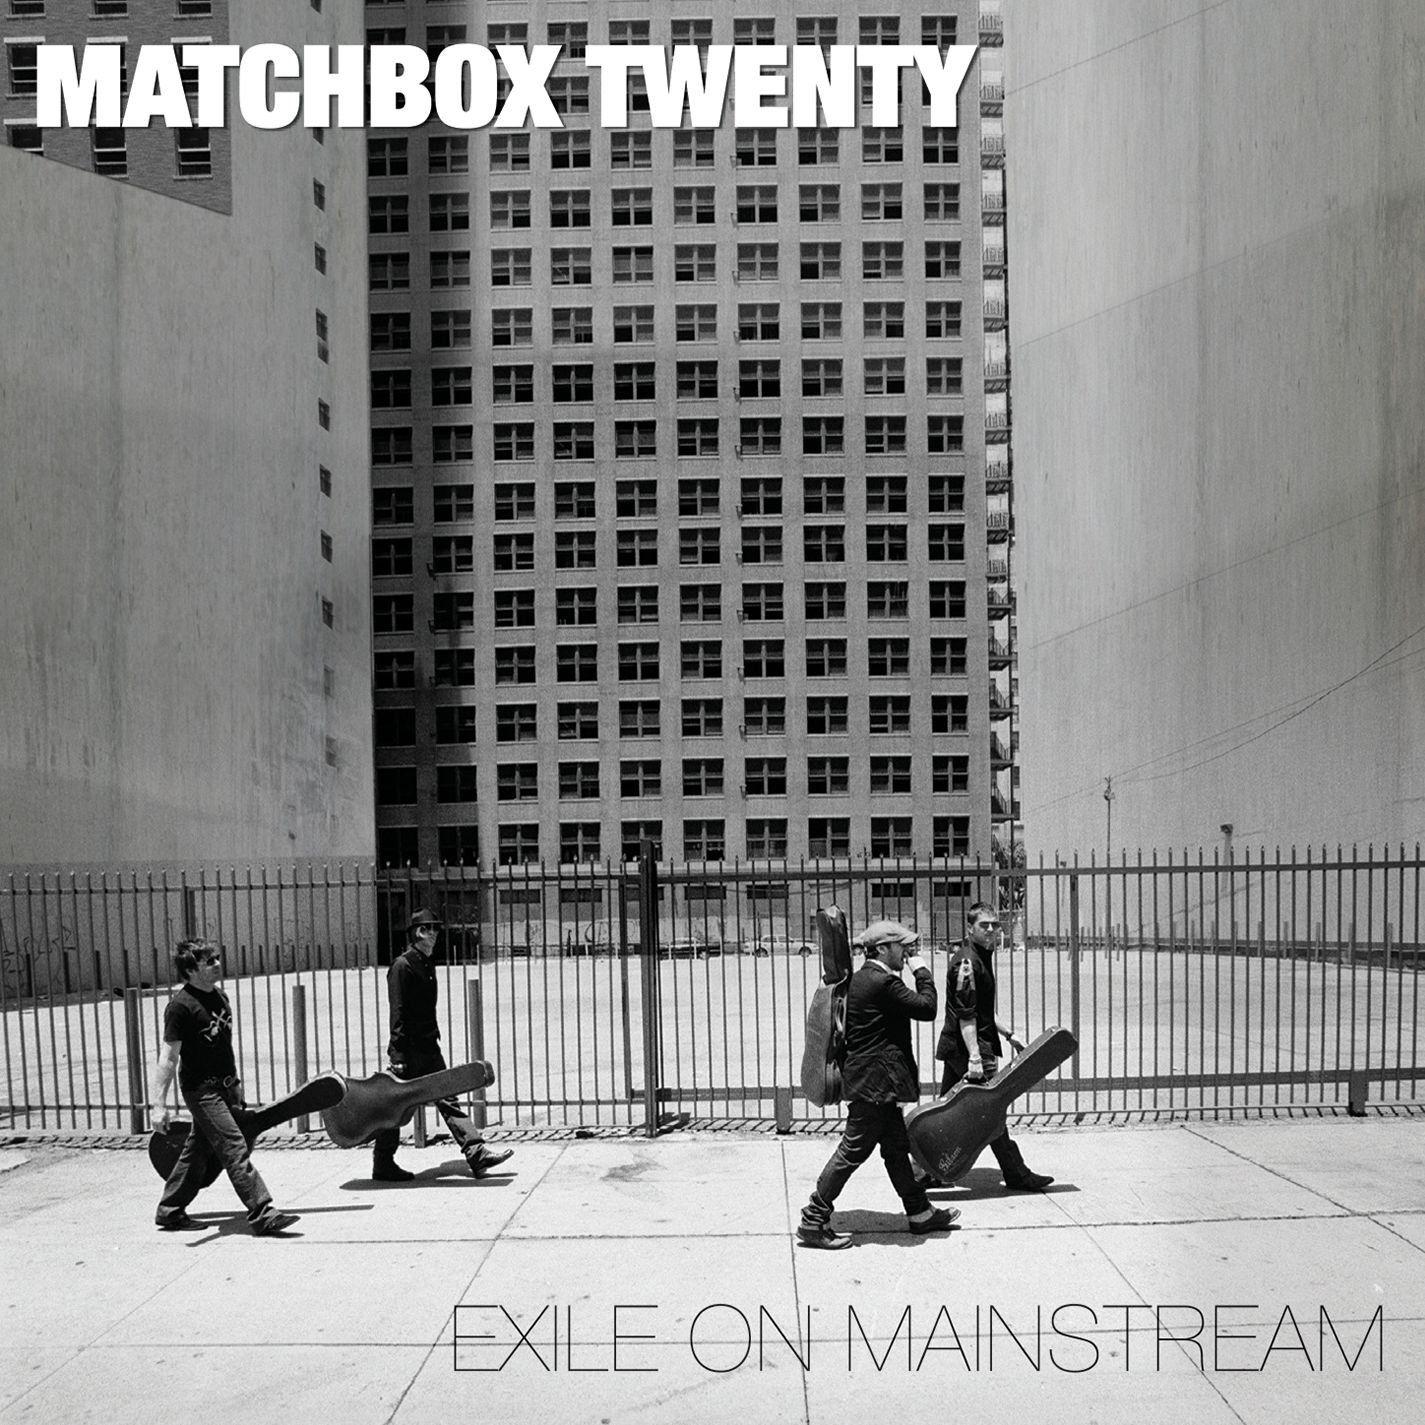 Matchbox Twenty - Exile On Mainstream album cover